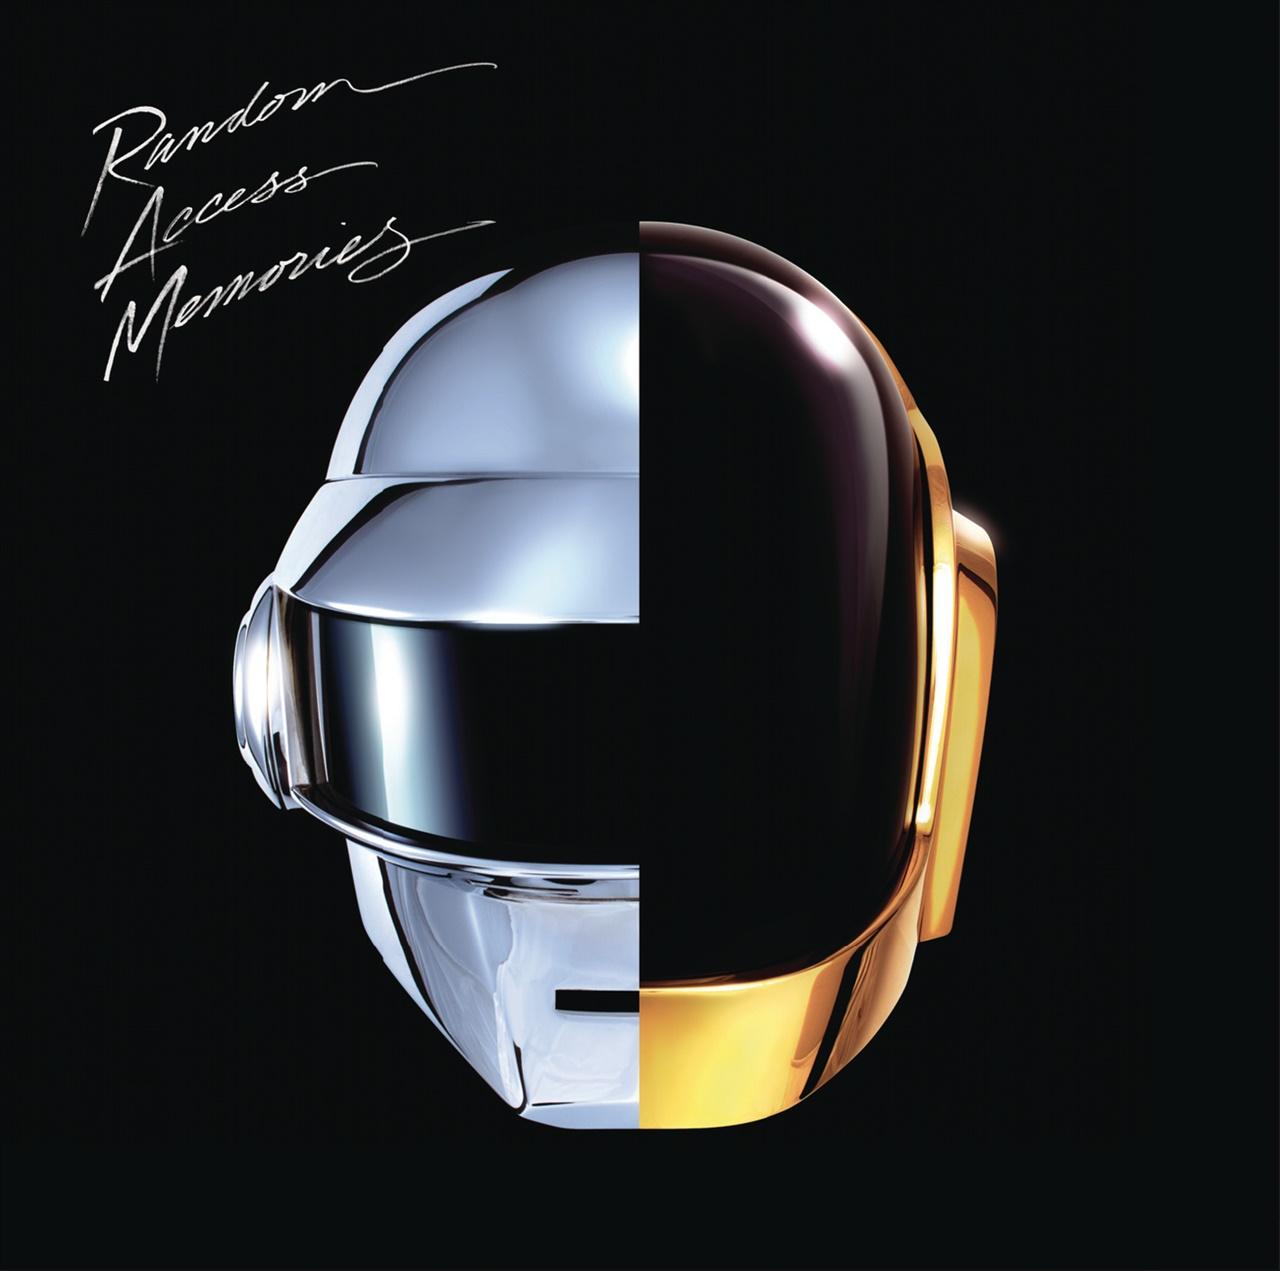 다프트 펑크는 정규 4집 <Random Access Memories>로 제 56회 그래미 어워드 올해의 앨범상을 수상했다.